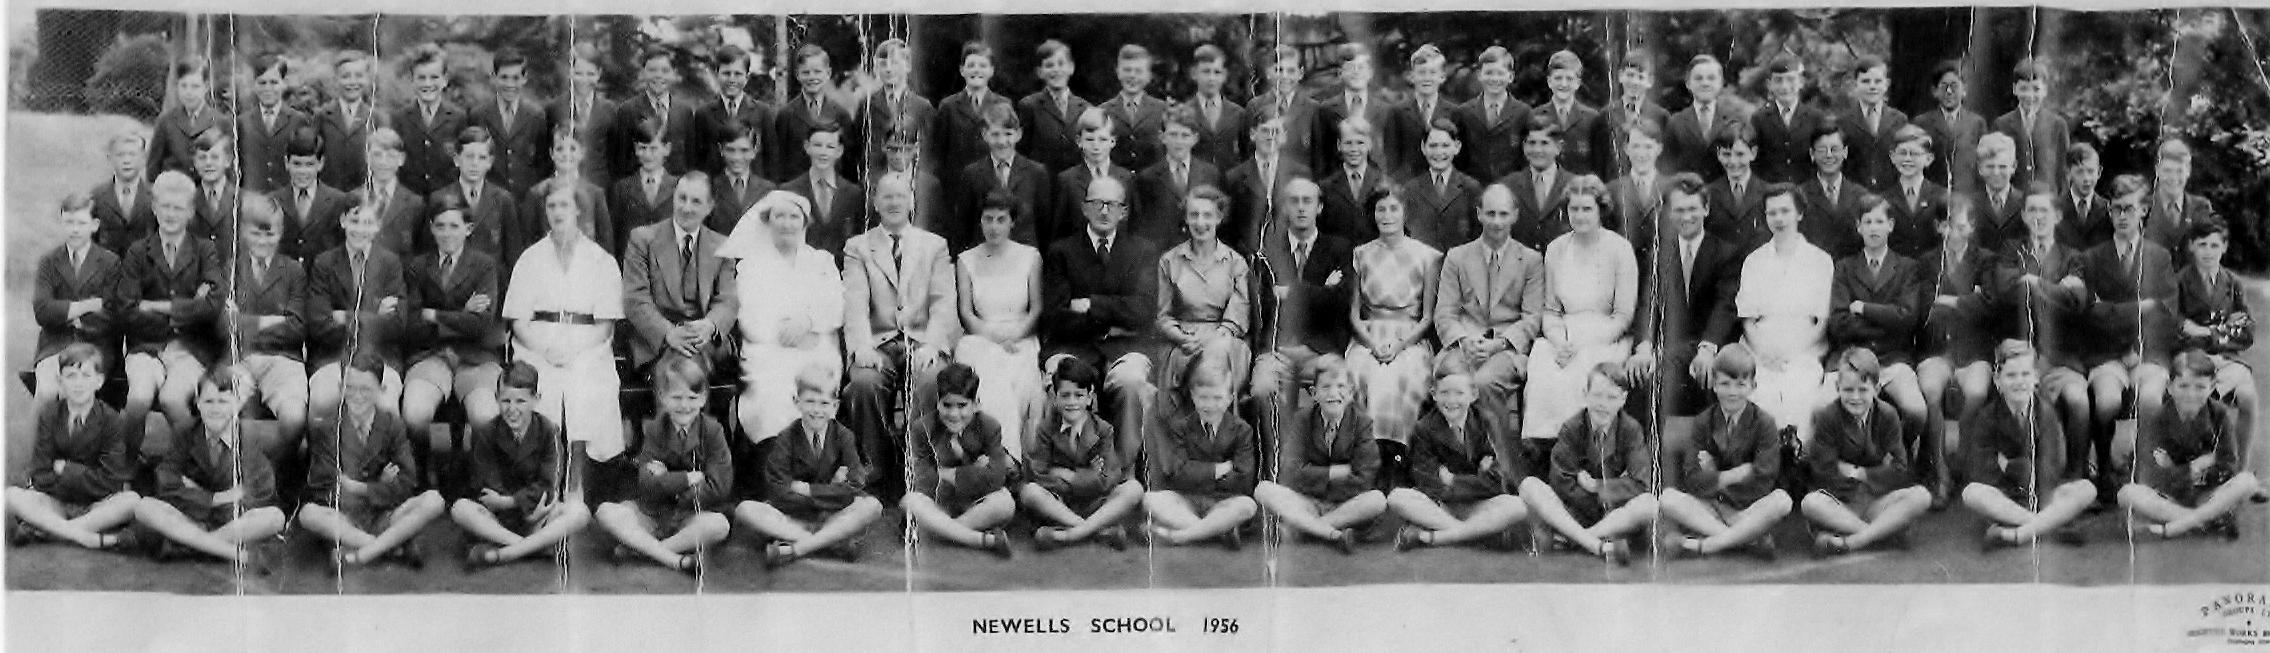 School Photo - 1956